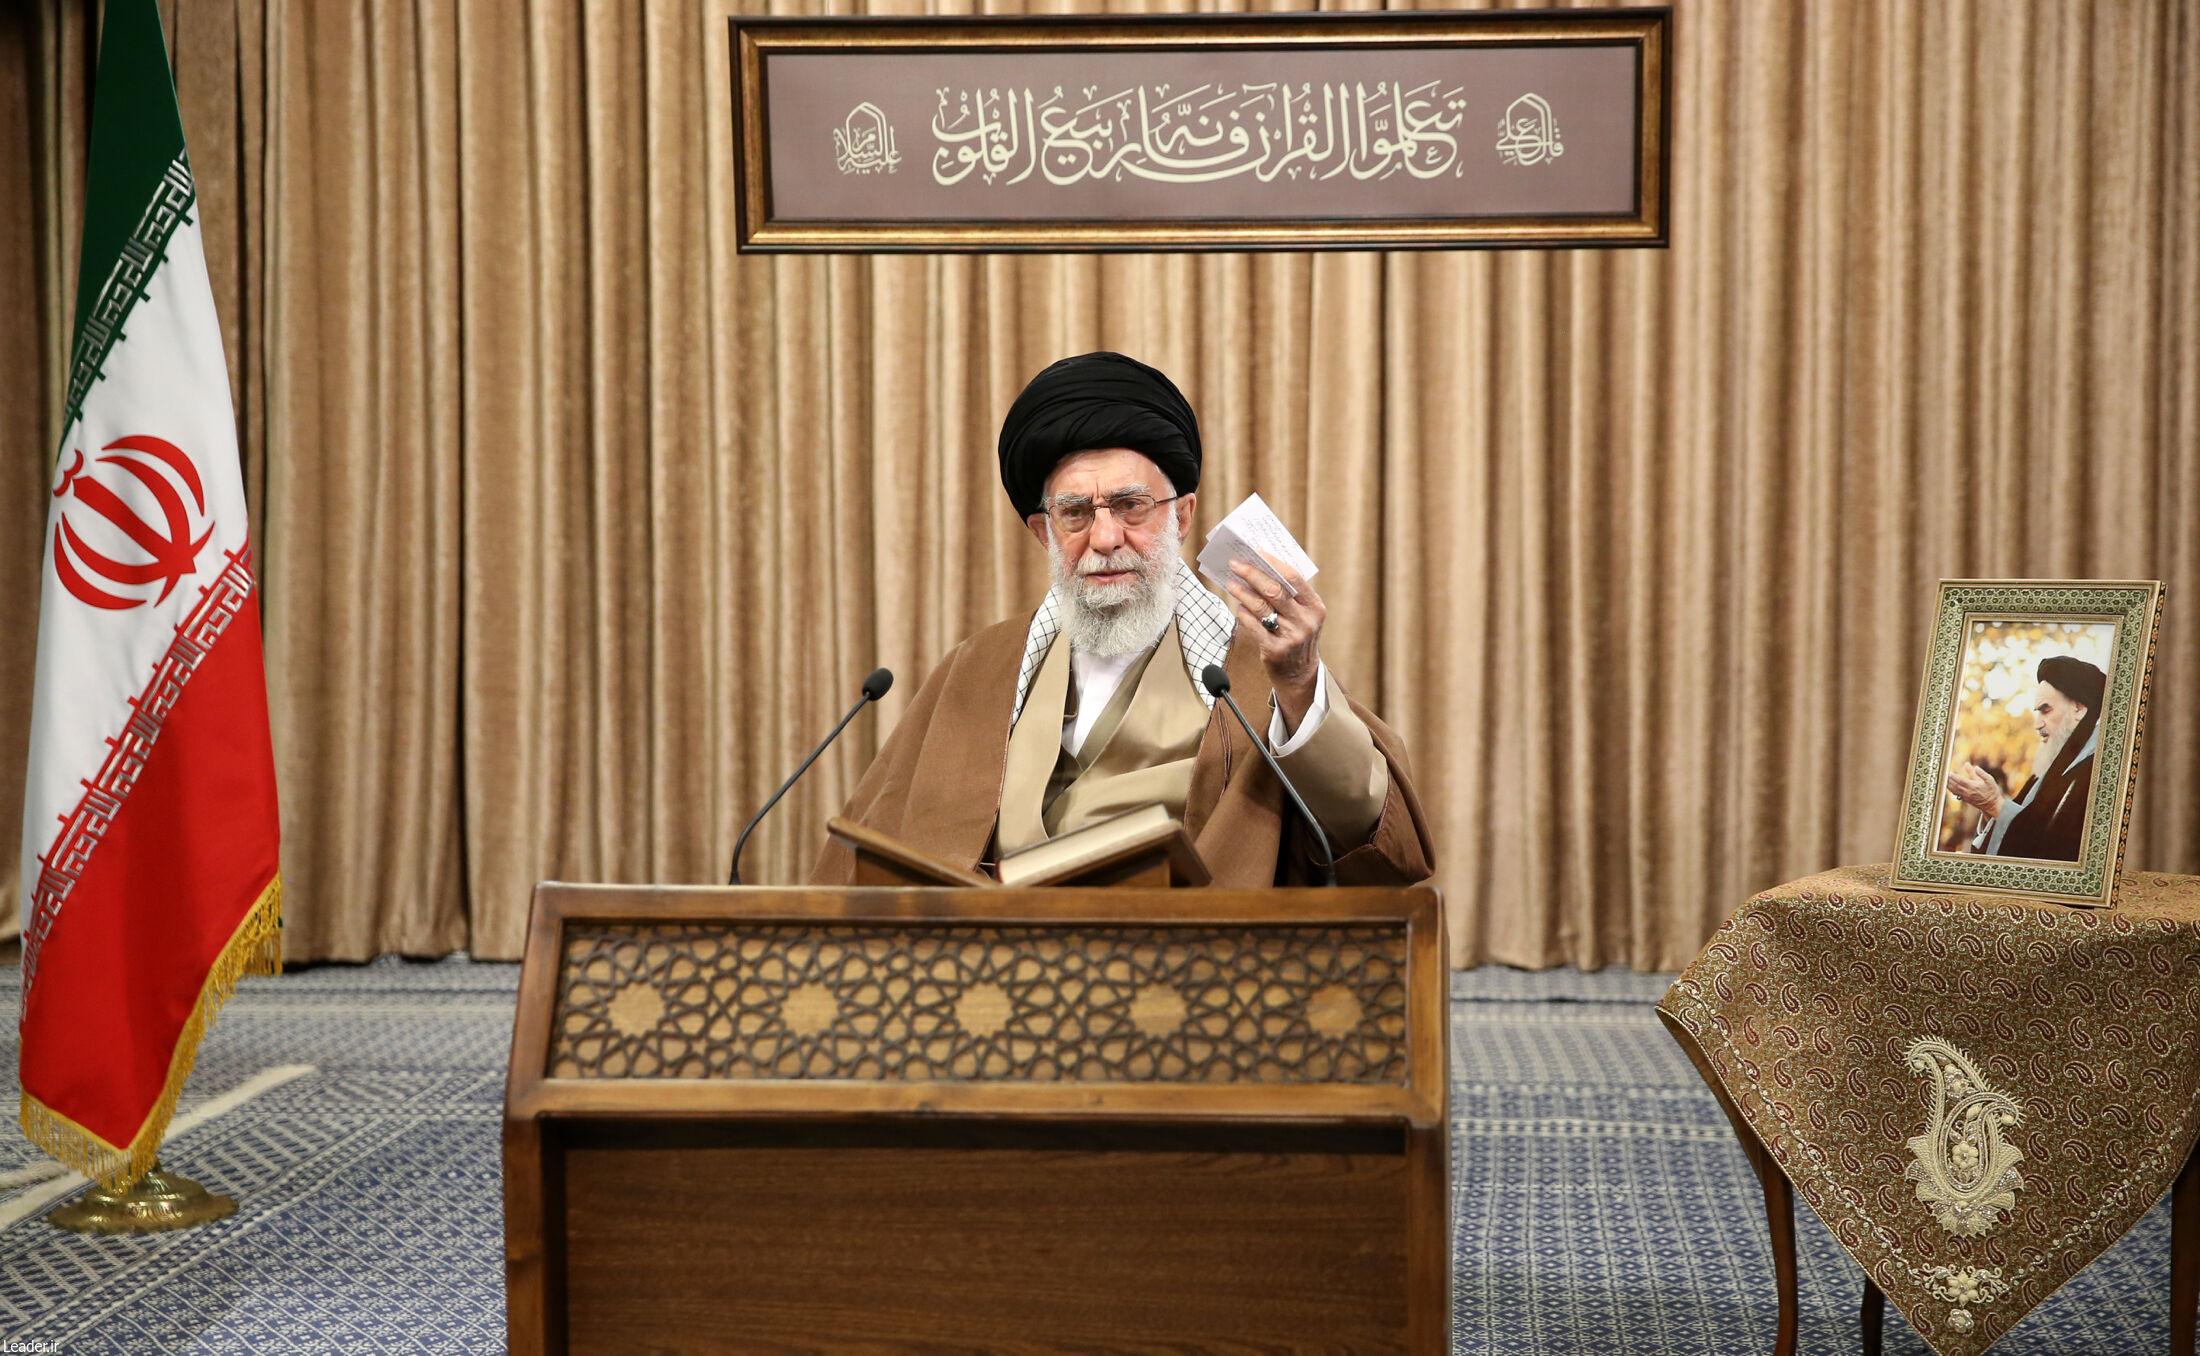 آیتالله خامنهای: مذاکره فرسایشی برای کشور ضرر دارد/ اول باید آمریکا تحریمها را بردارد